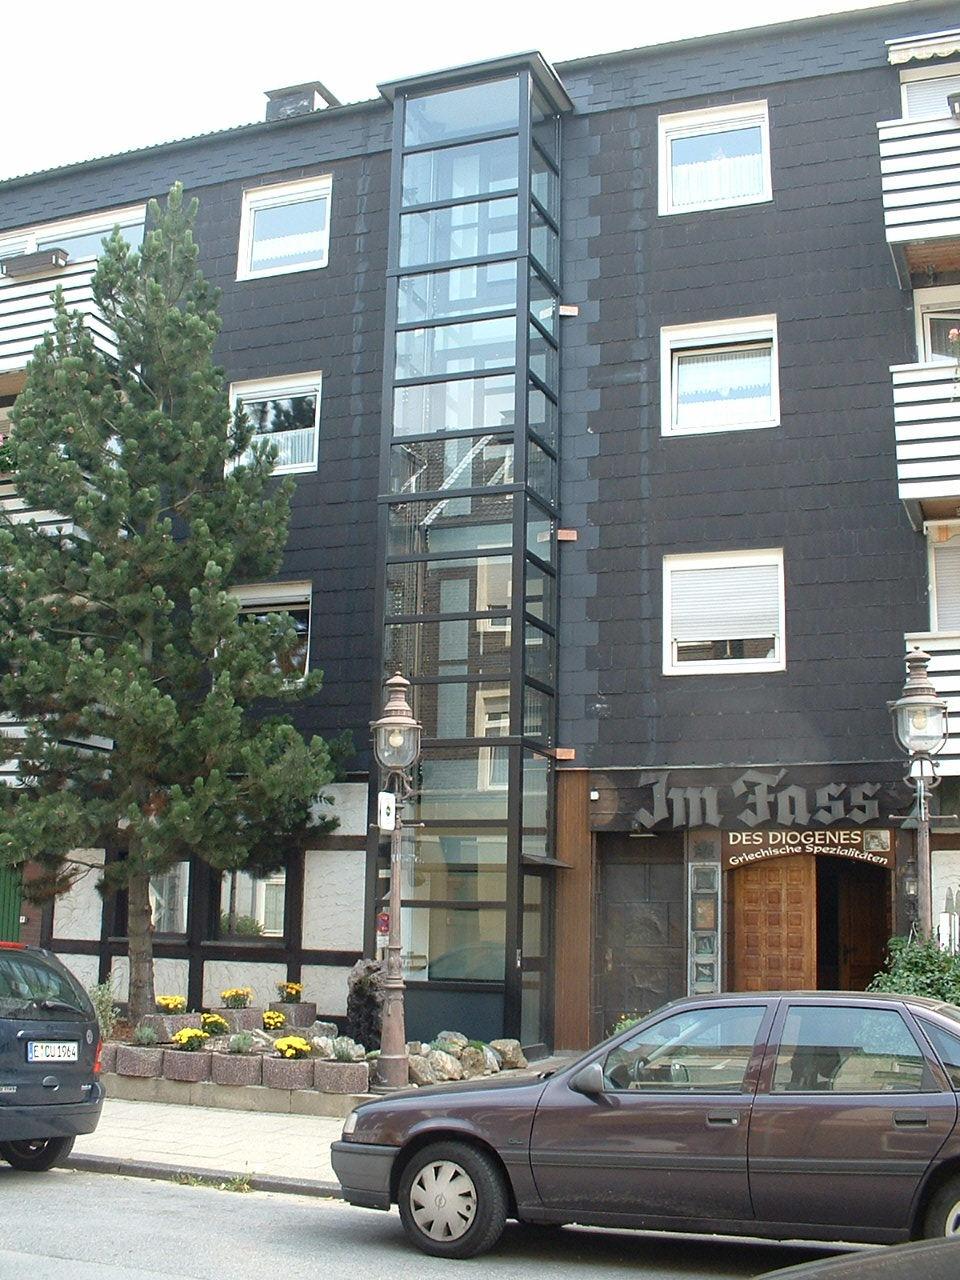 Aufzug schwarz und Glas außen an schwarzem Gebäude